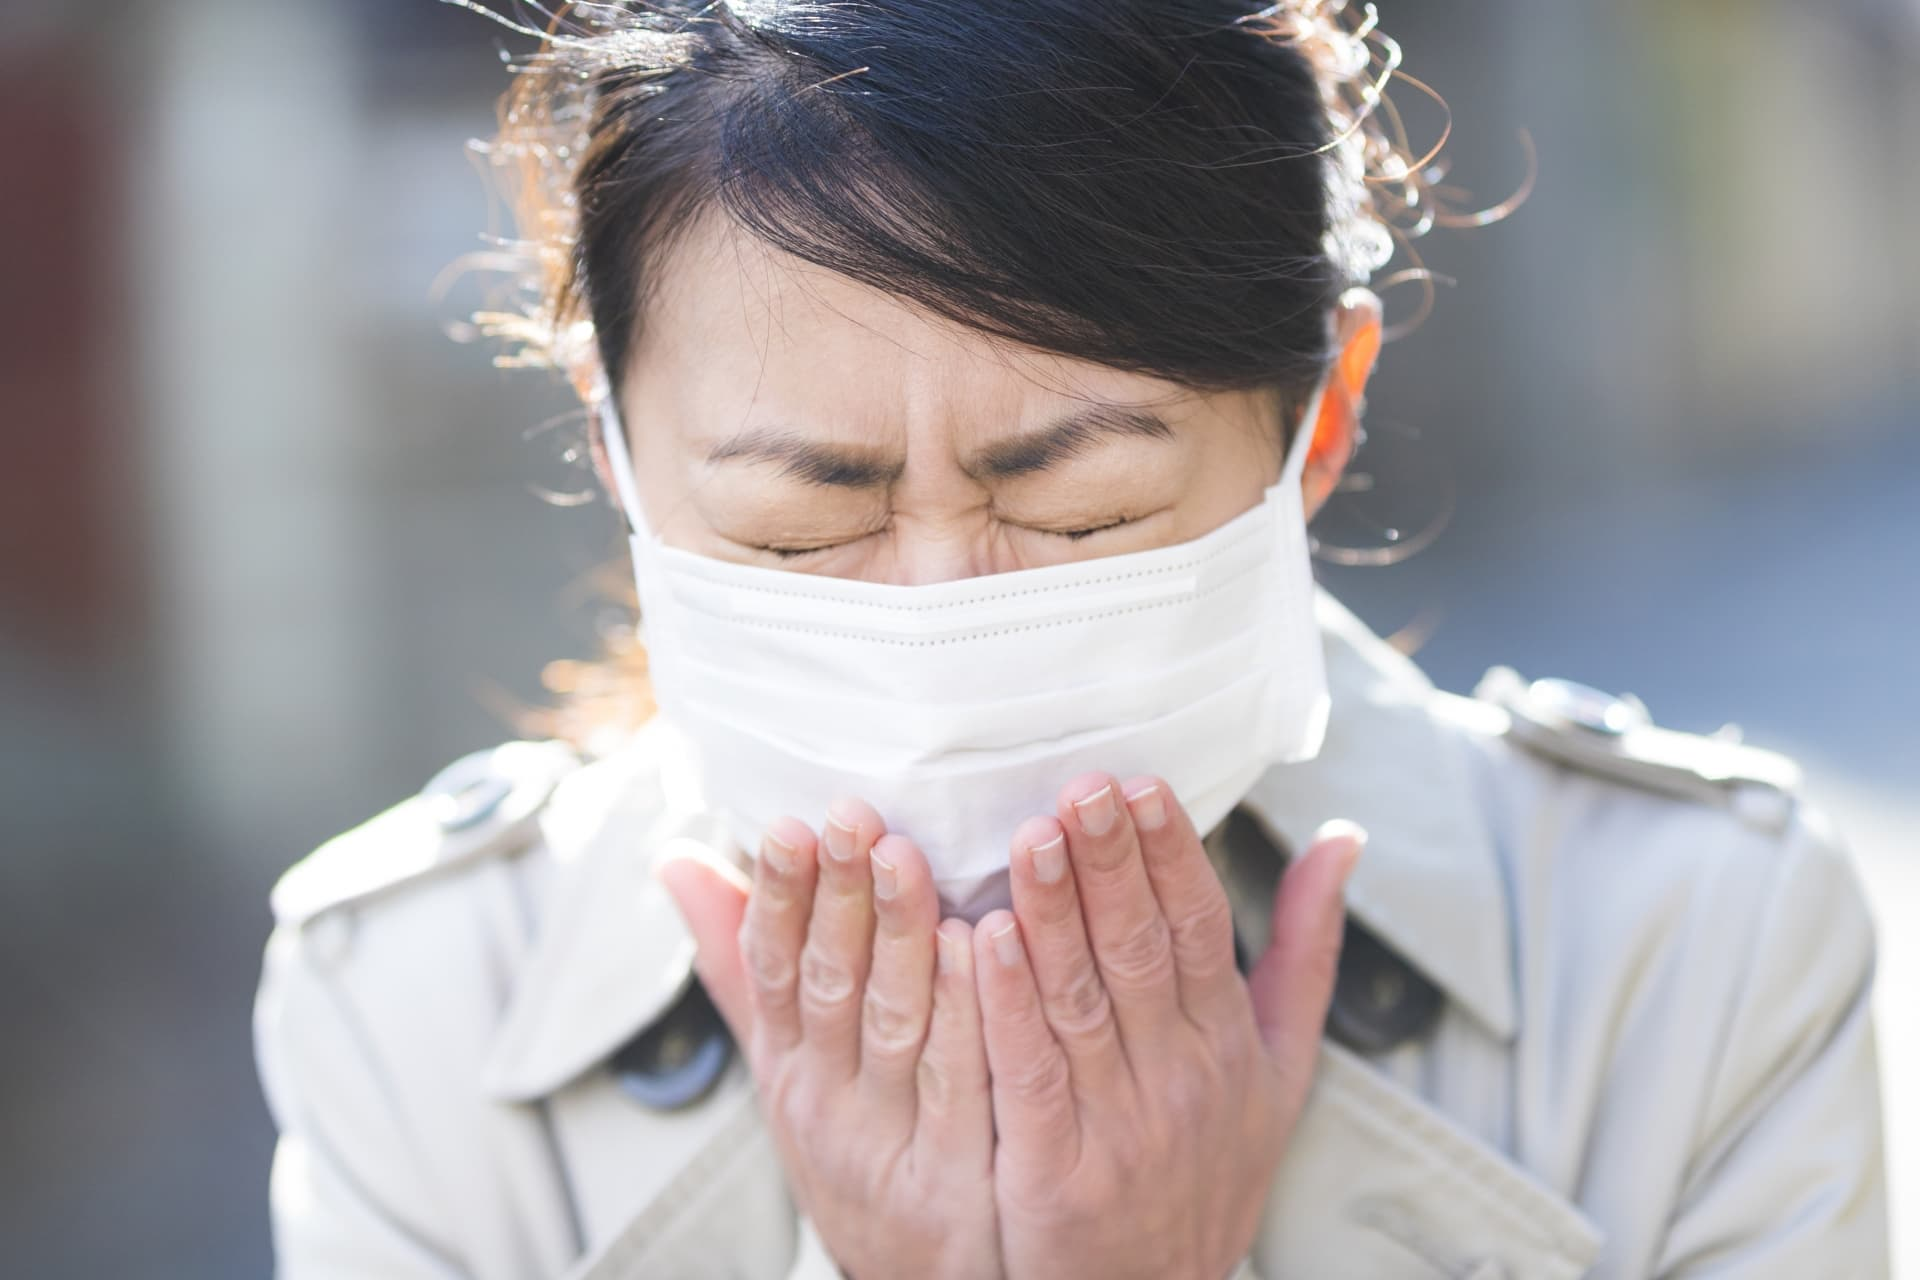 【尿ラボ」春は花粉症と尿漏れの季節…女性に多い腹圧性尿失禁